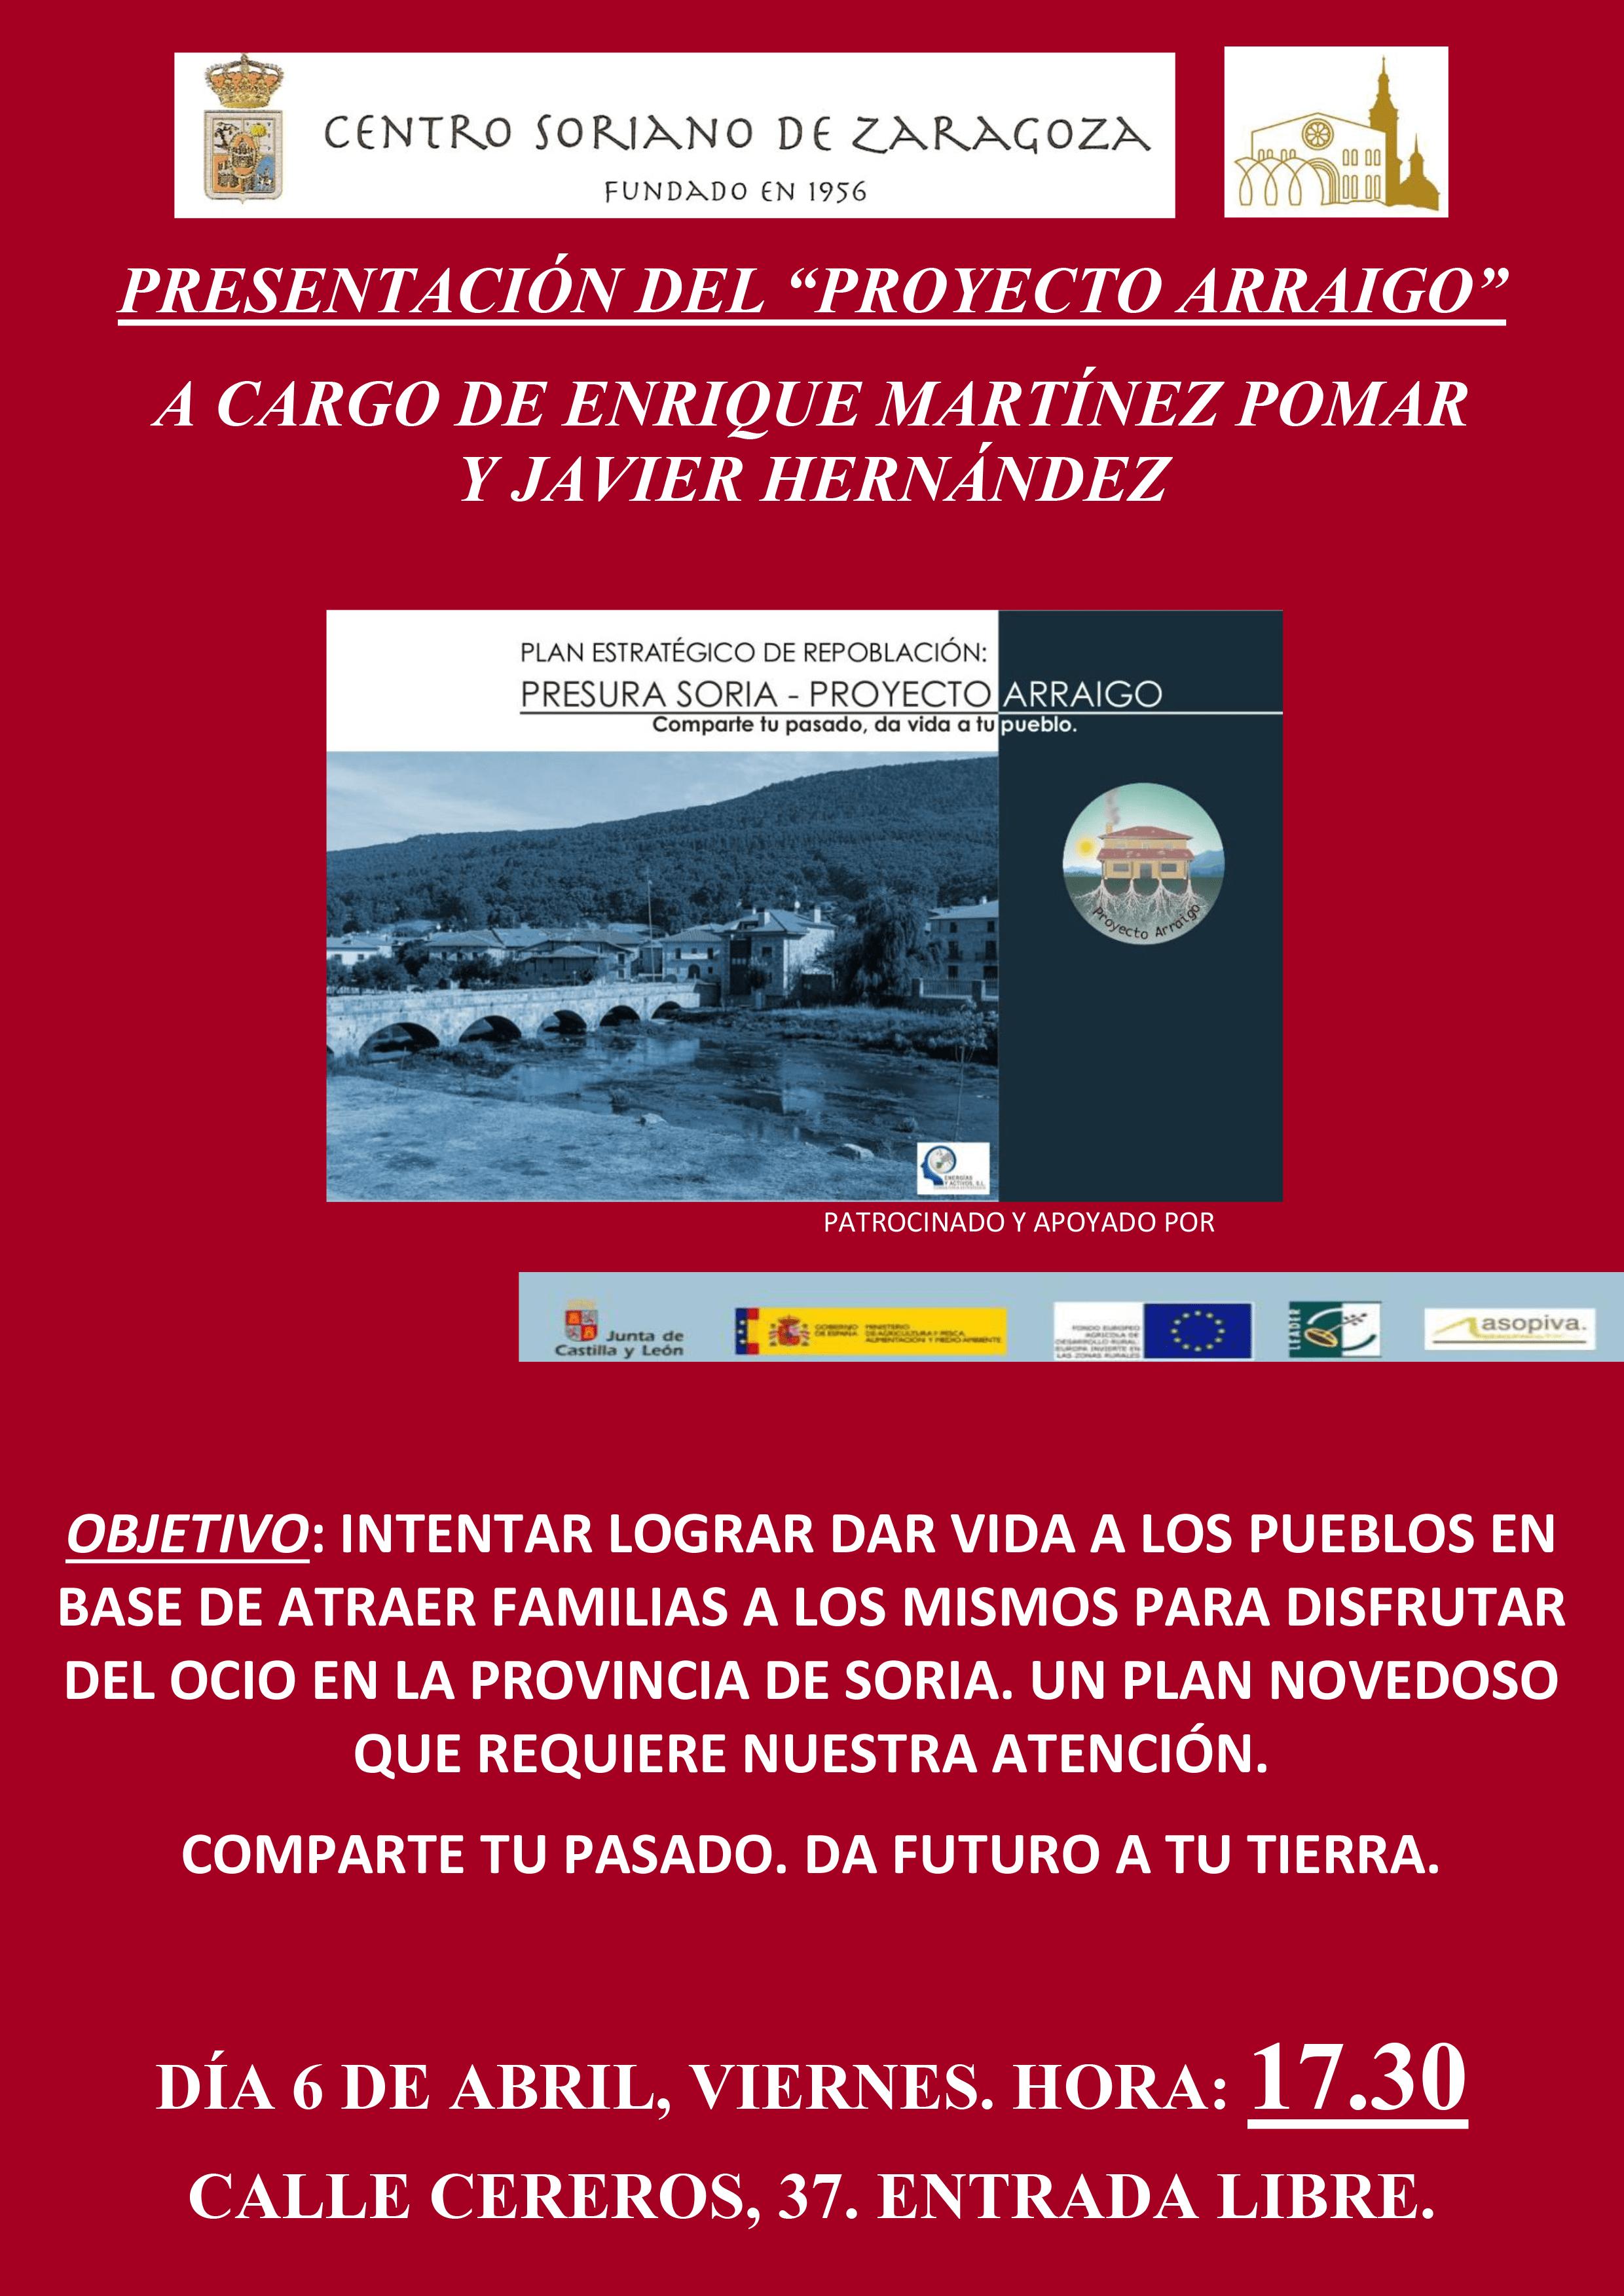 En este momento estás viendo Este viernes 7 de abril, charla sobre la despoblación en el Centro Soriano de Zaragoza